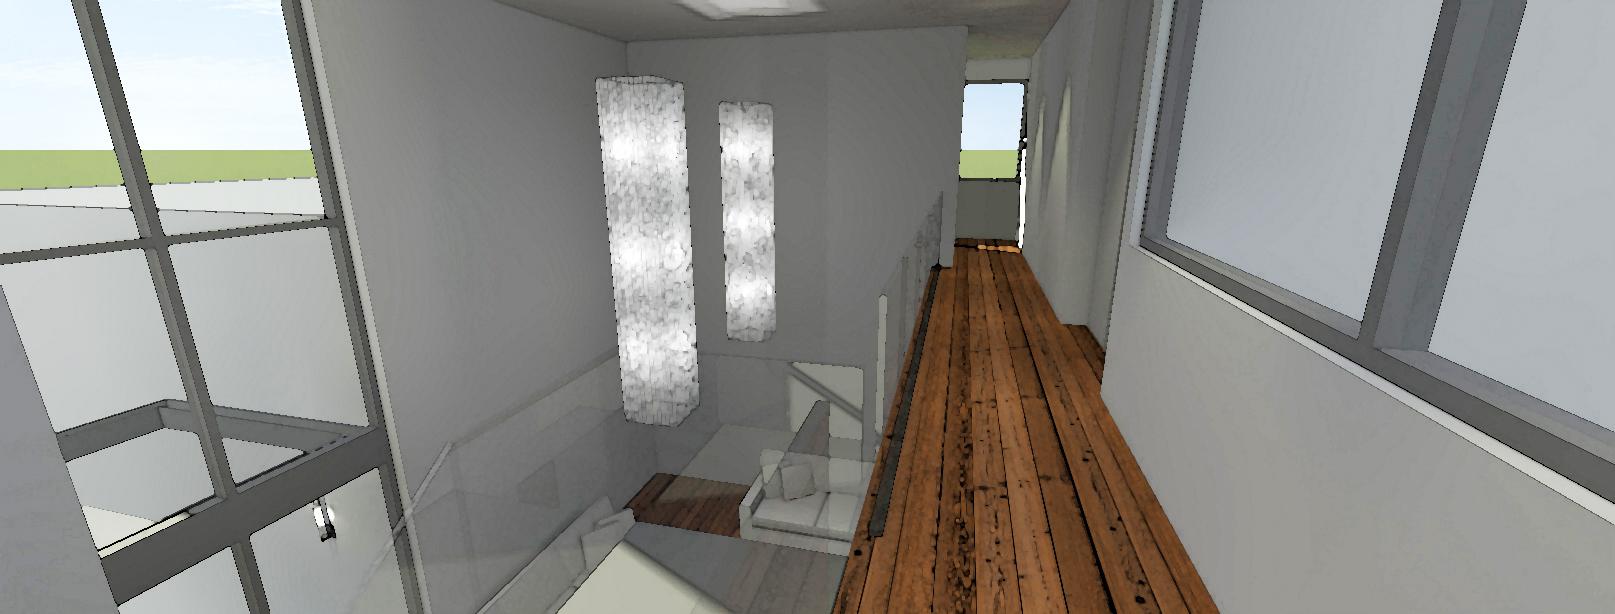 Rooftop Observation Deck - 44090TD